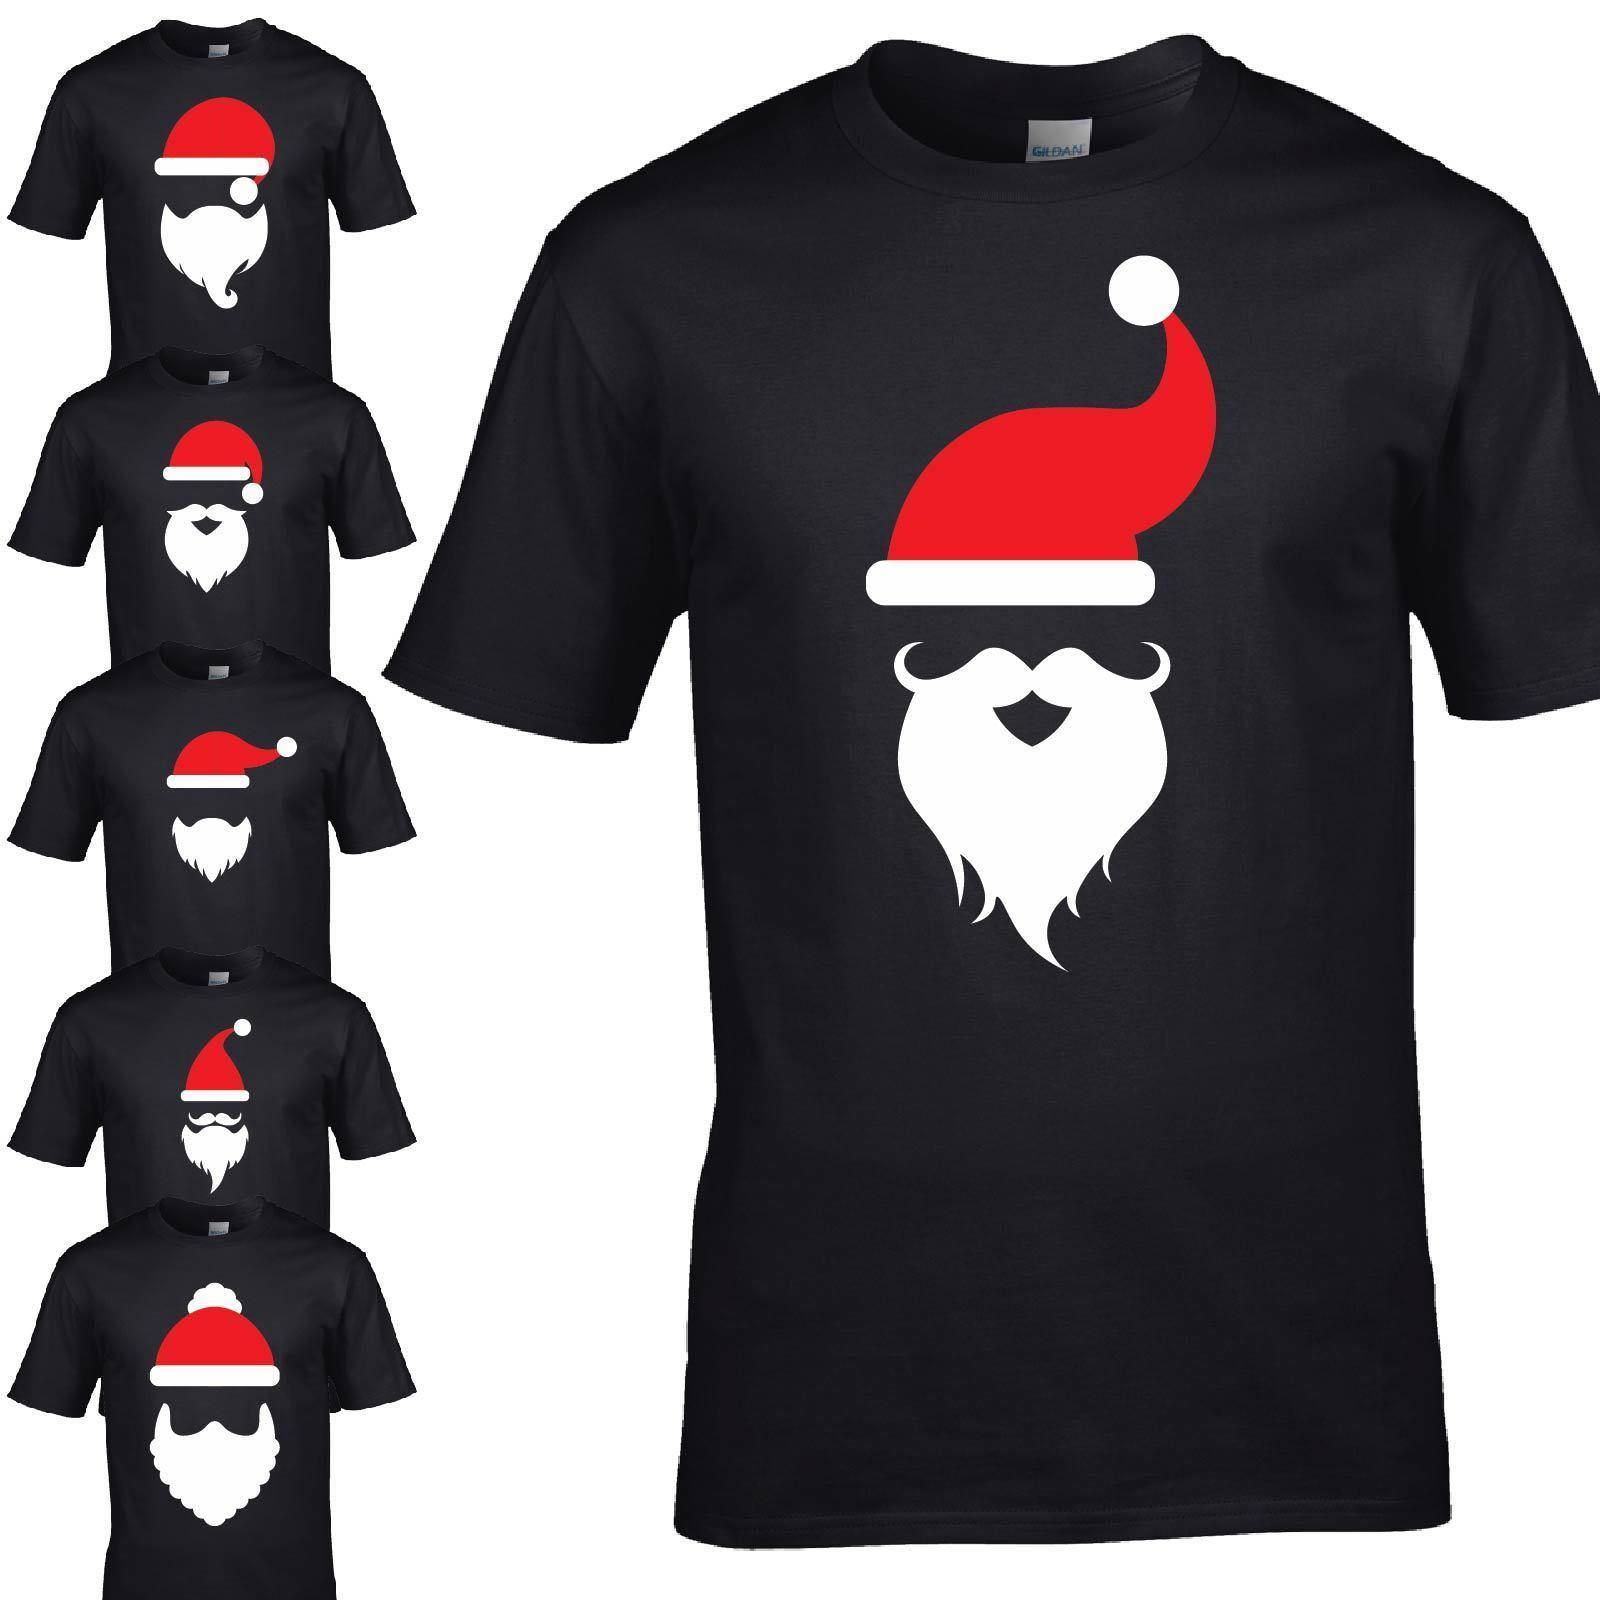 2ad6efa8595 ... father christmas t shirt top tee tshirt e pudding ...